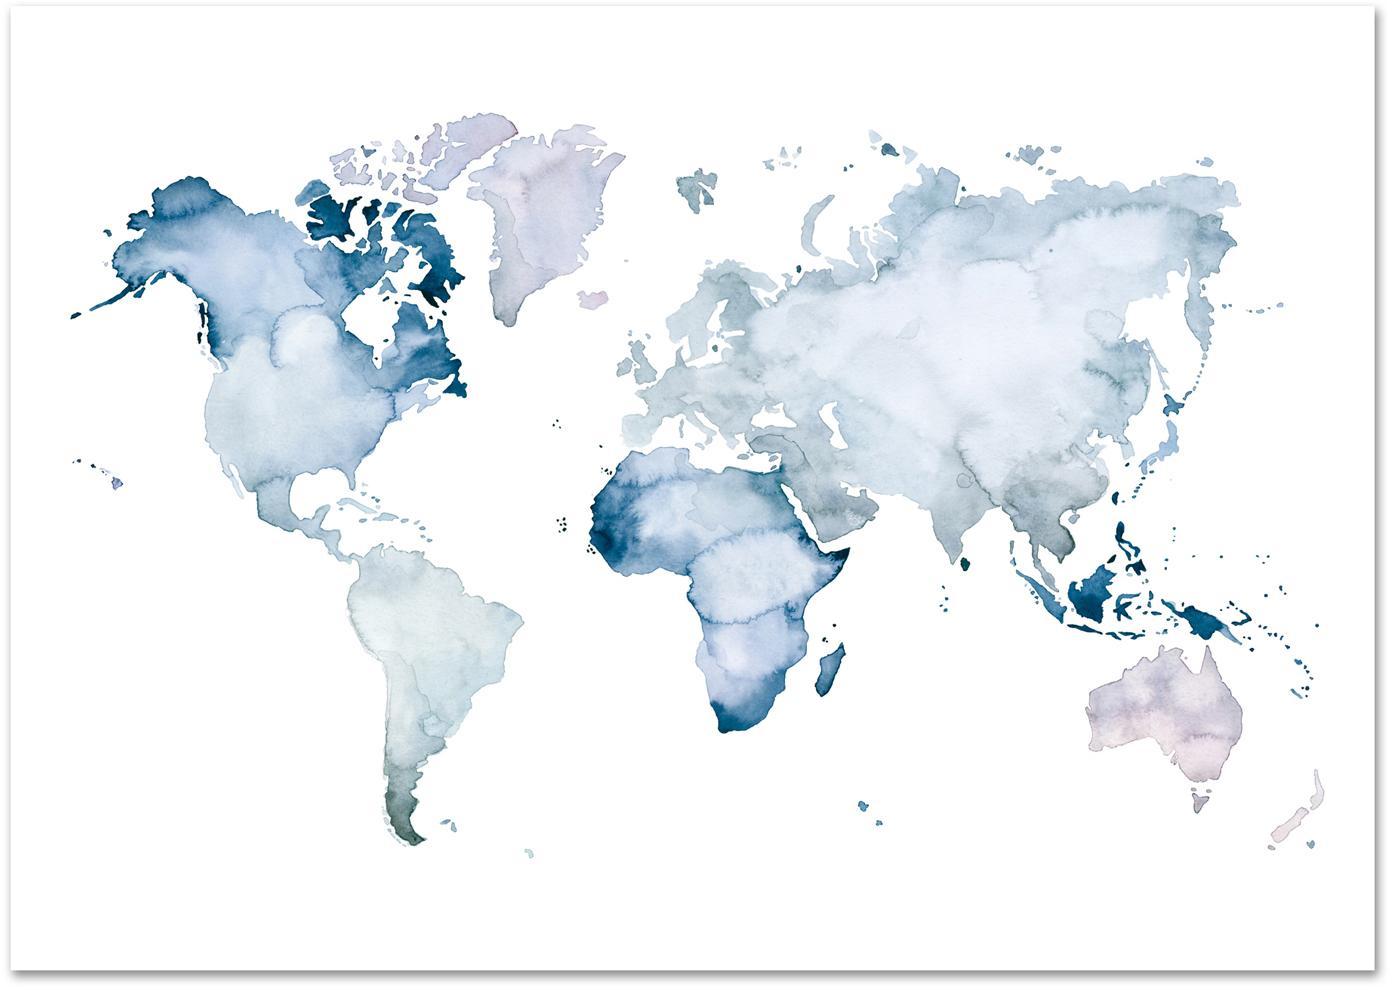 Poster World Map, Digitaldruck auf Papier, 200 g/m², Blau, Weiß, 42 x 30 cm